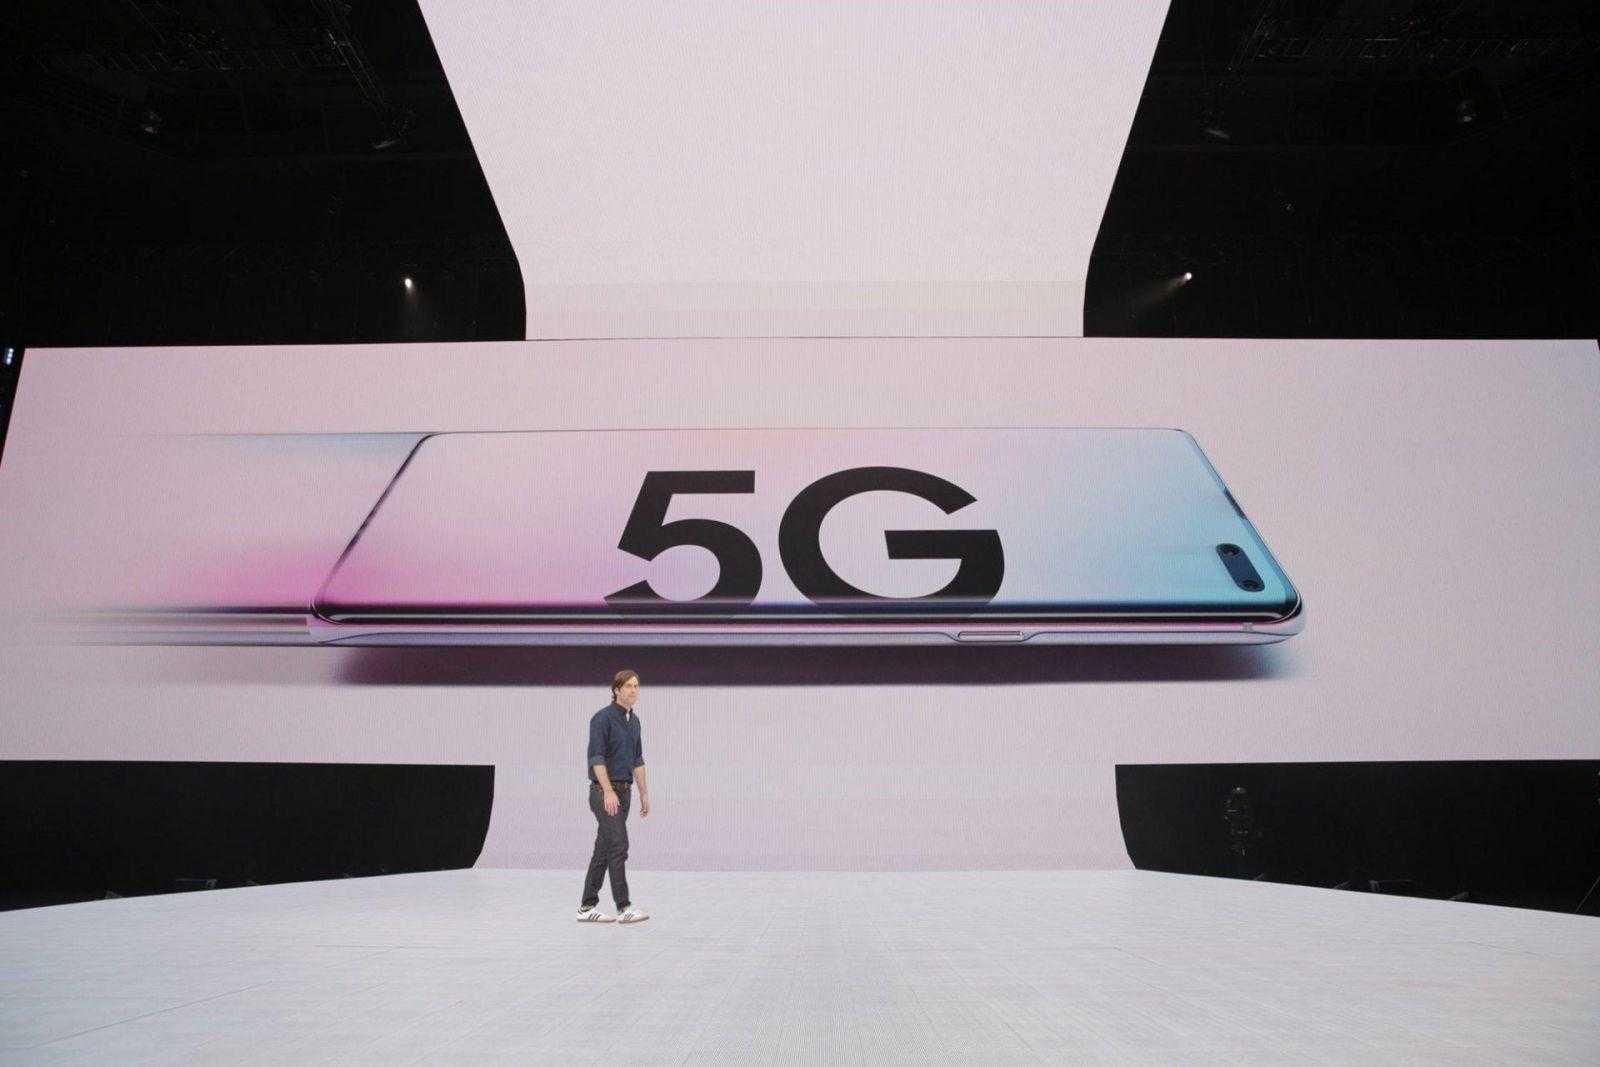 Samsung показал самый мощный смартфон Galaxy S10 5G (lcimg da5c33f9 9ddd 4a19 93ba 3842e2b236e2)